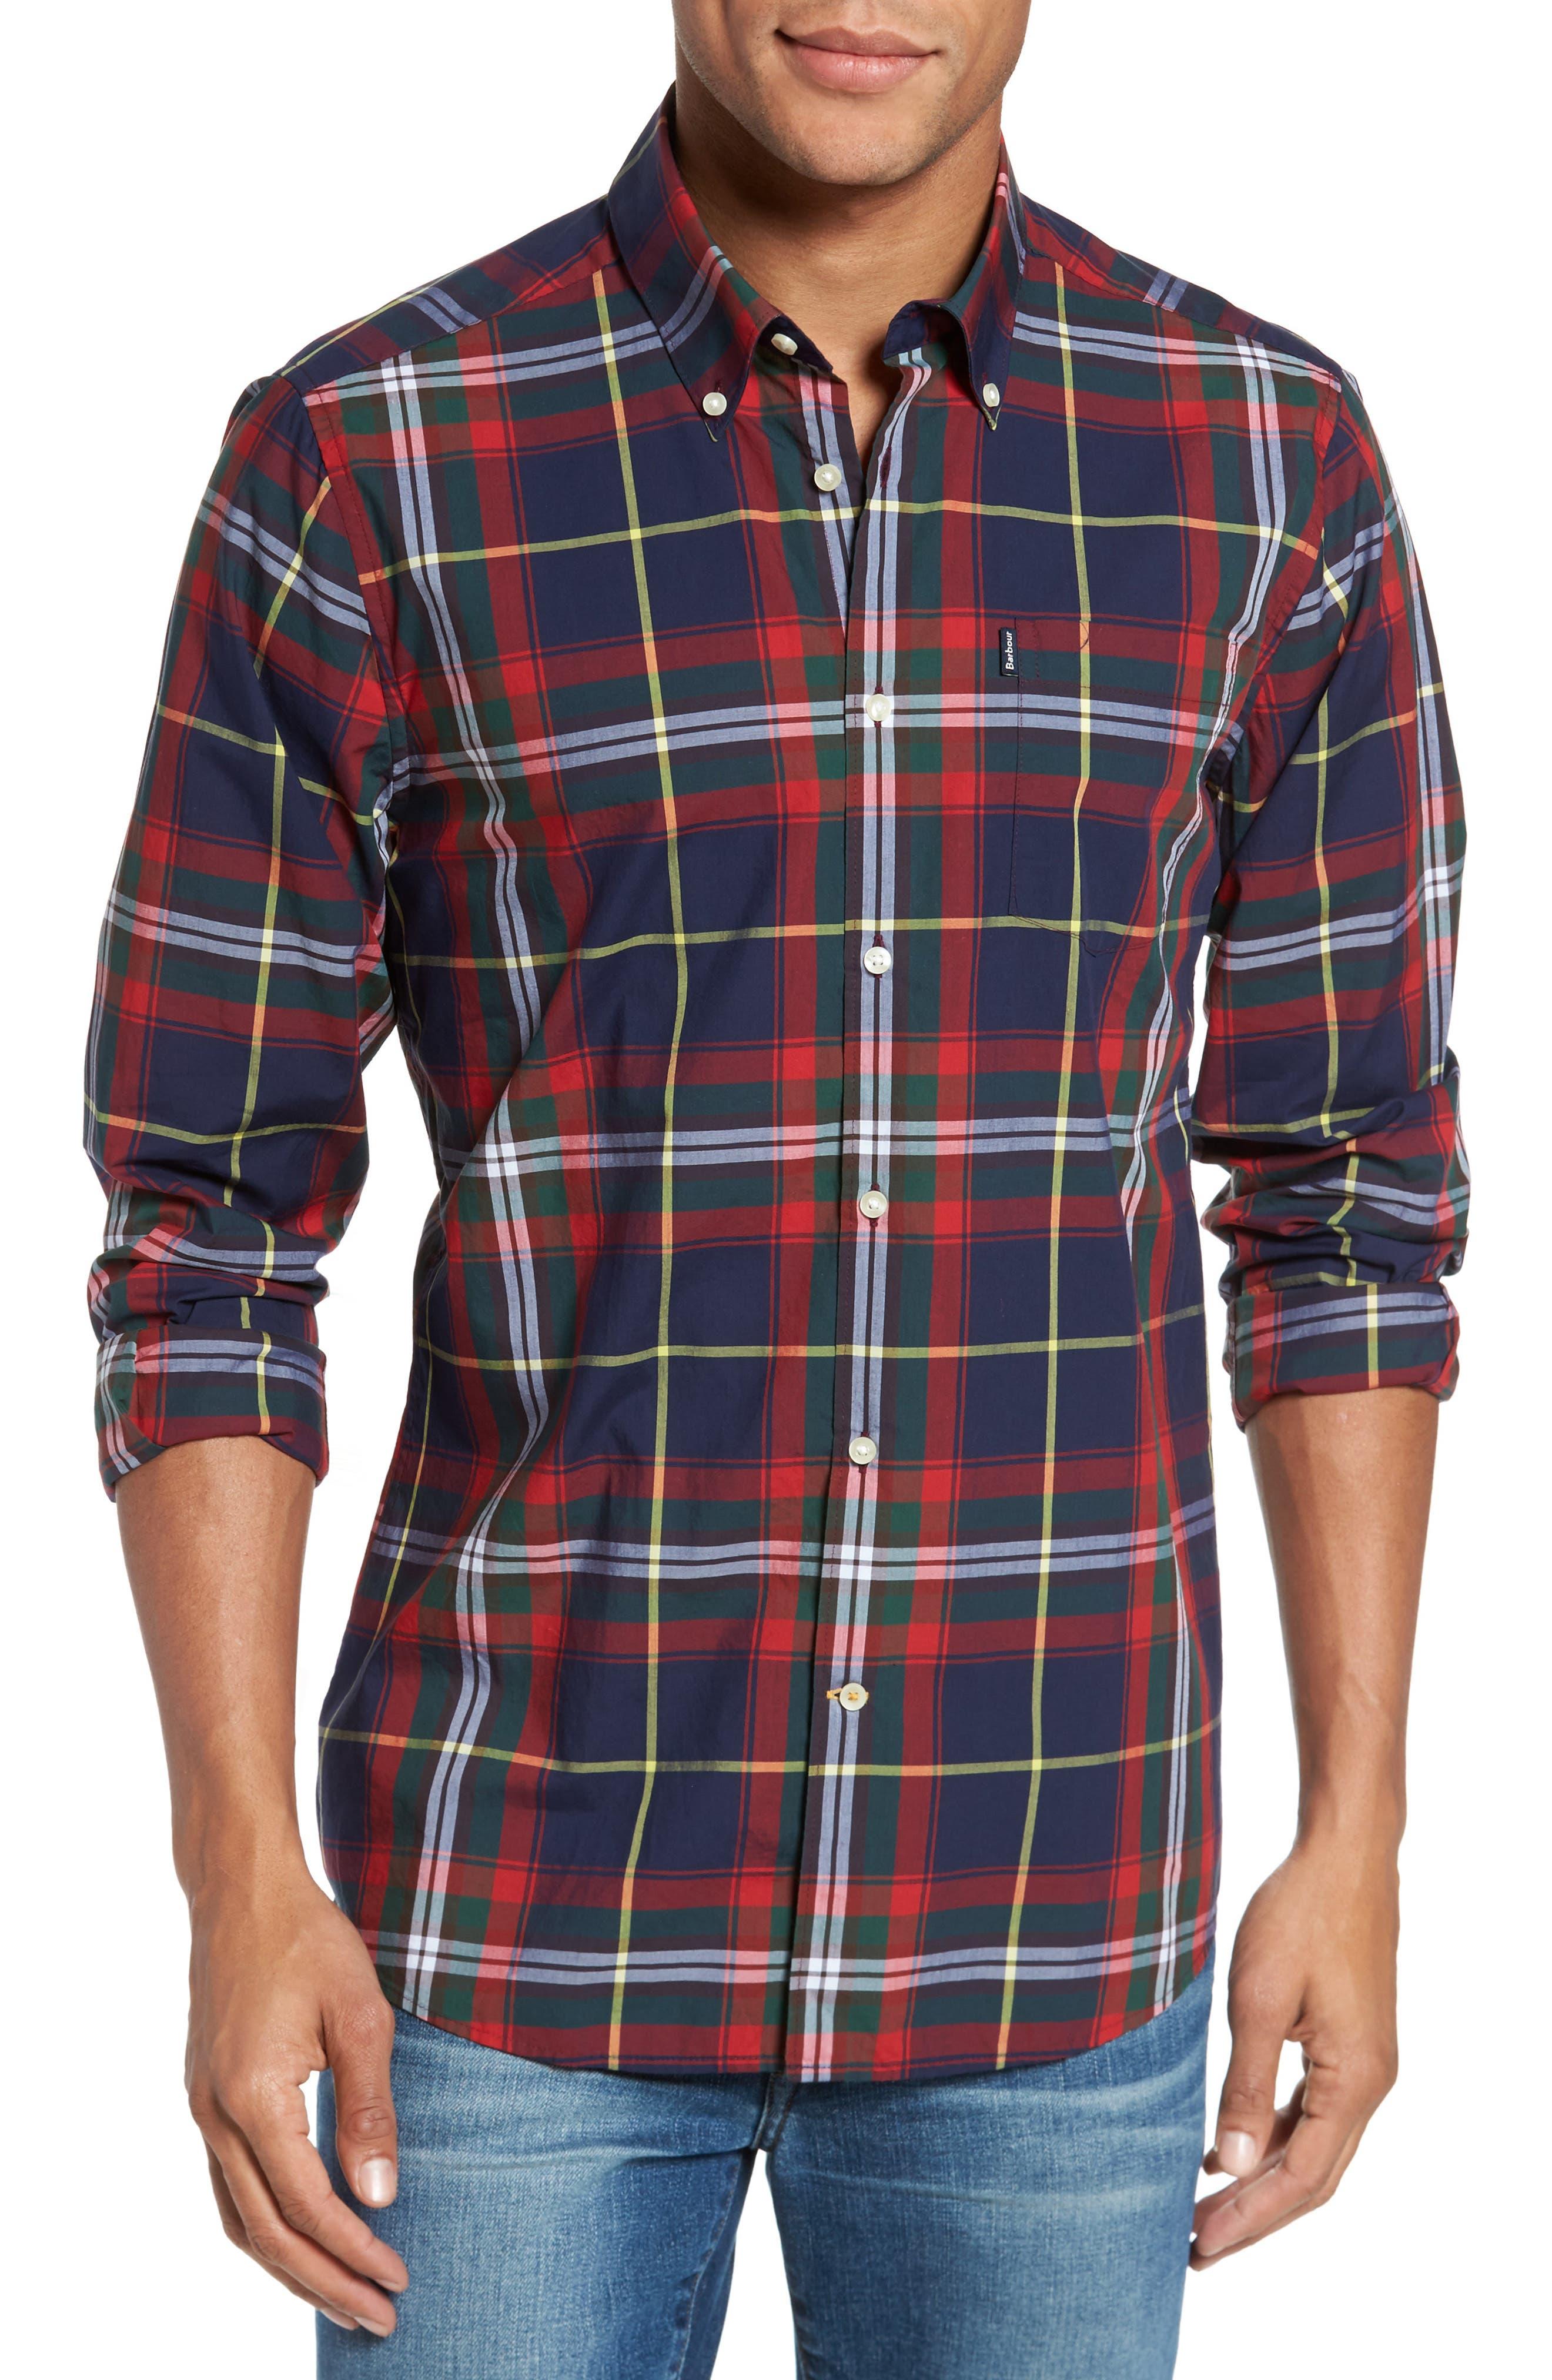 Oscar Trim Fit Plaid Sport Shirt,                             Main thumbnail 1, color,                             410